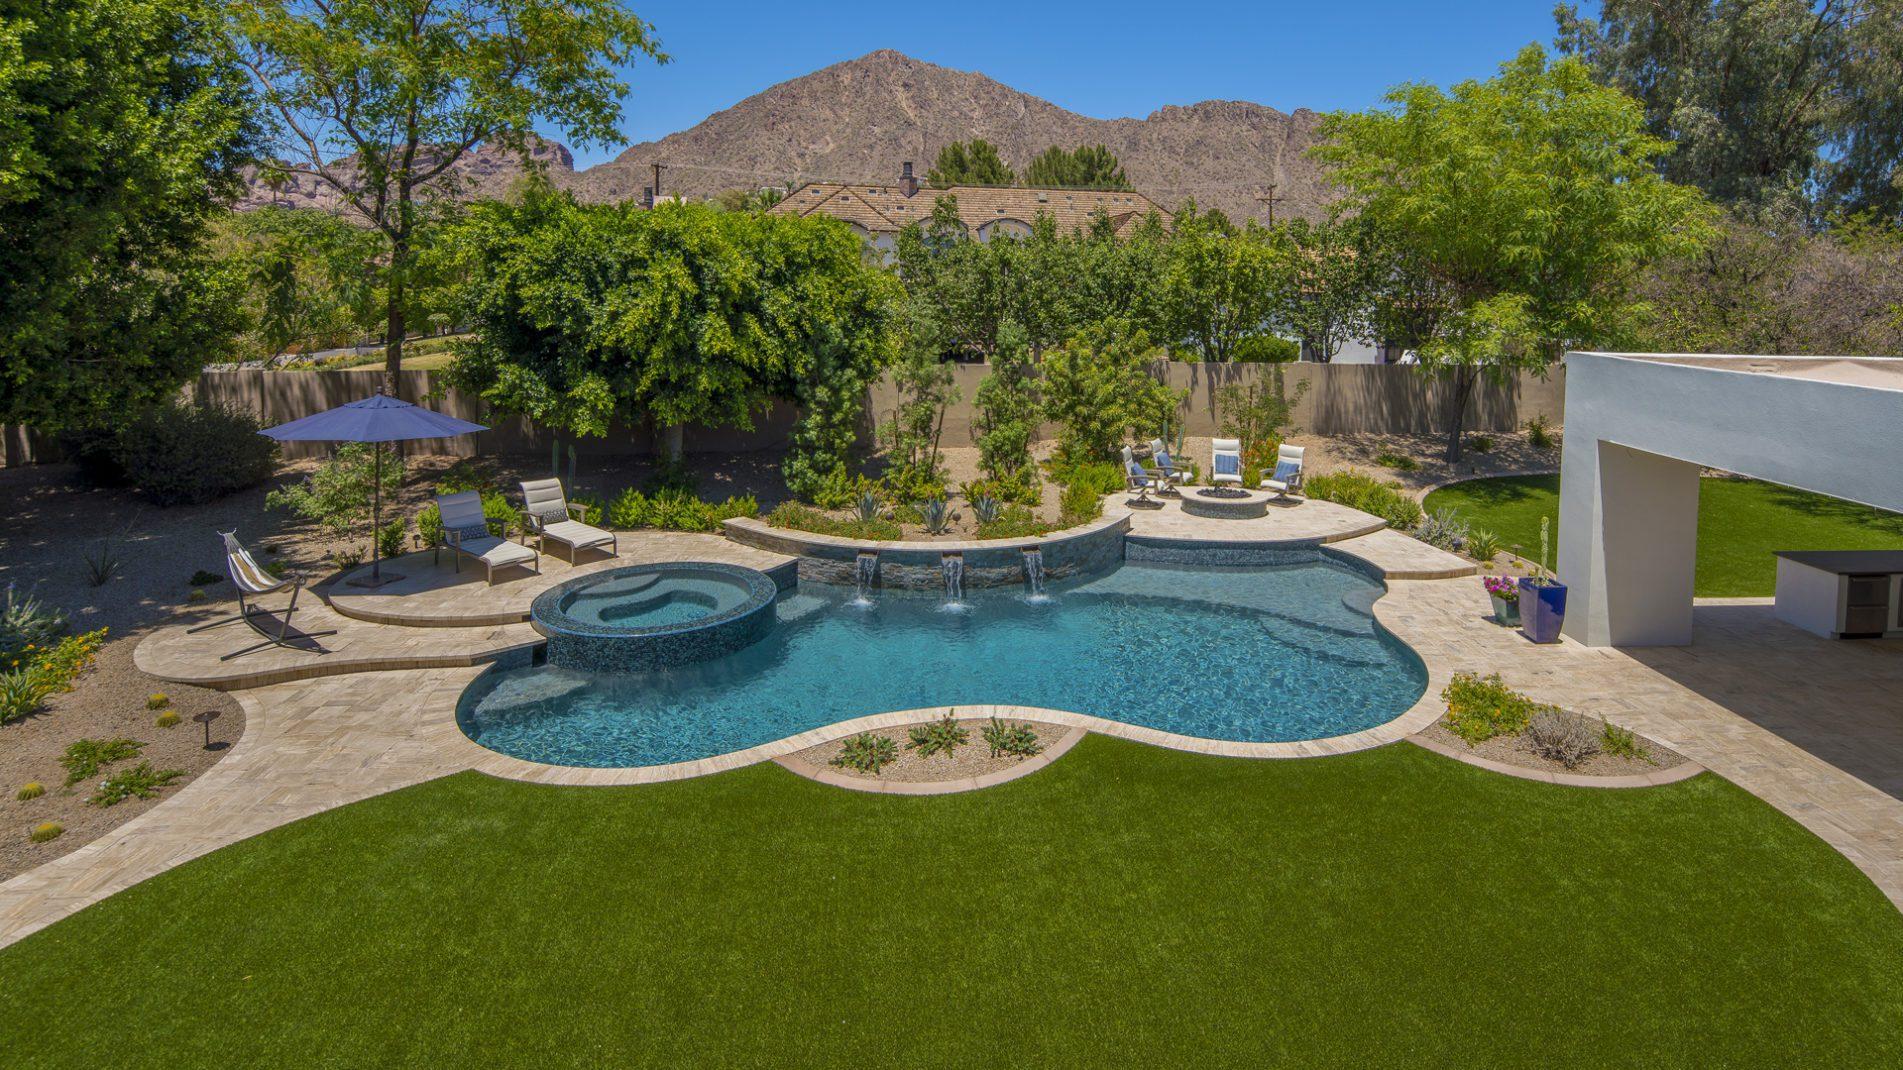 Pool Design Ideas Freeform Tiered Treasure California Pools Landscape